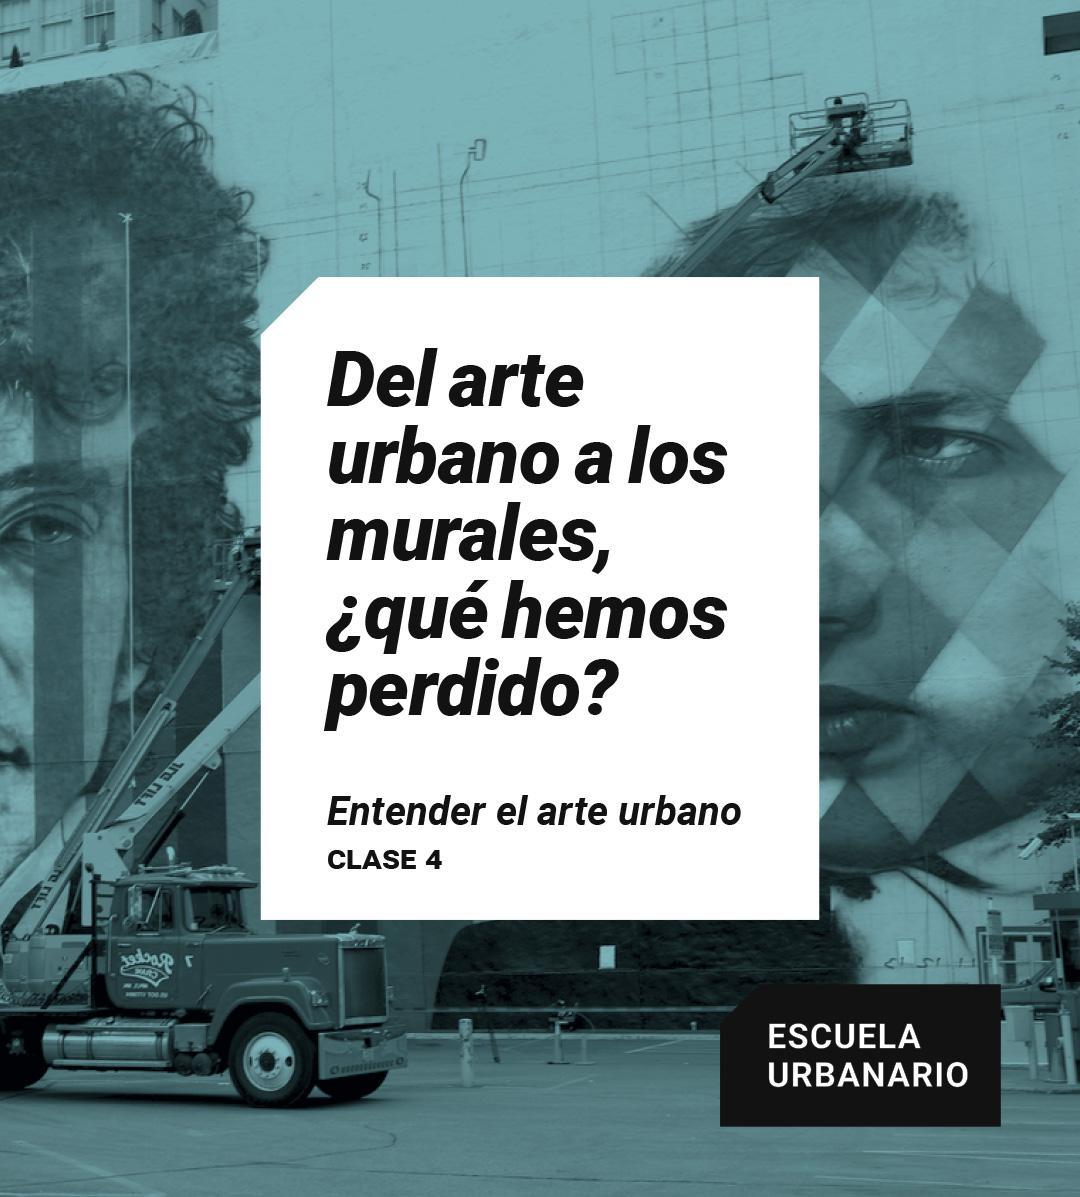 Del arte urbano a los murales